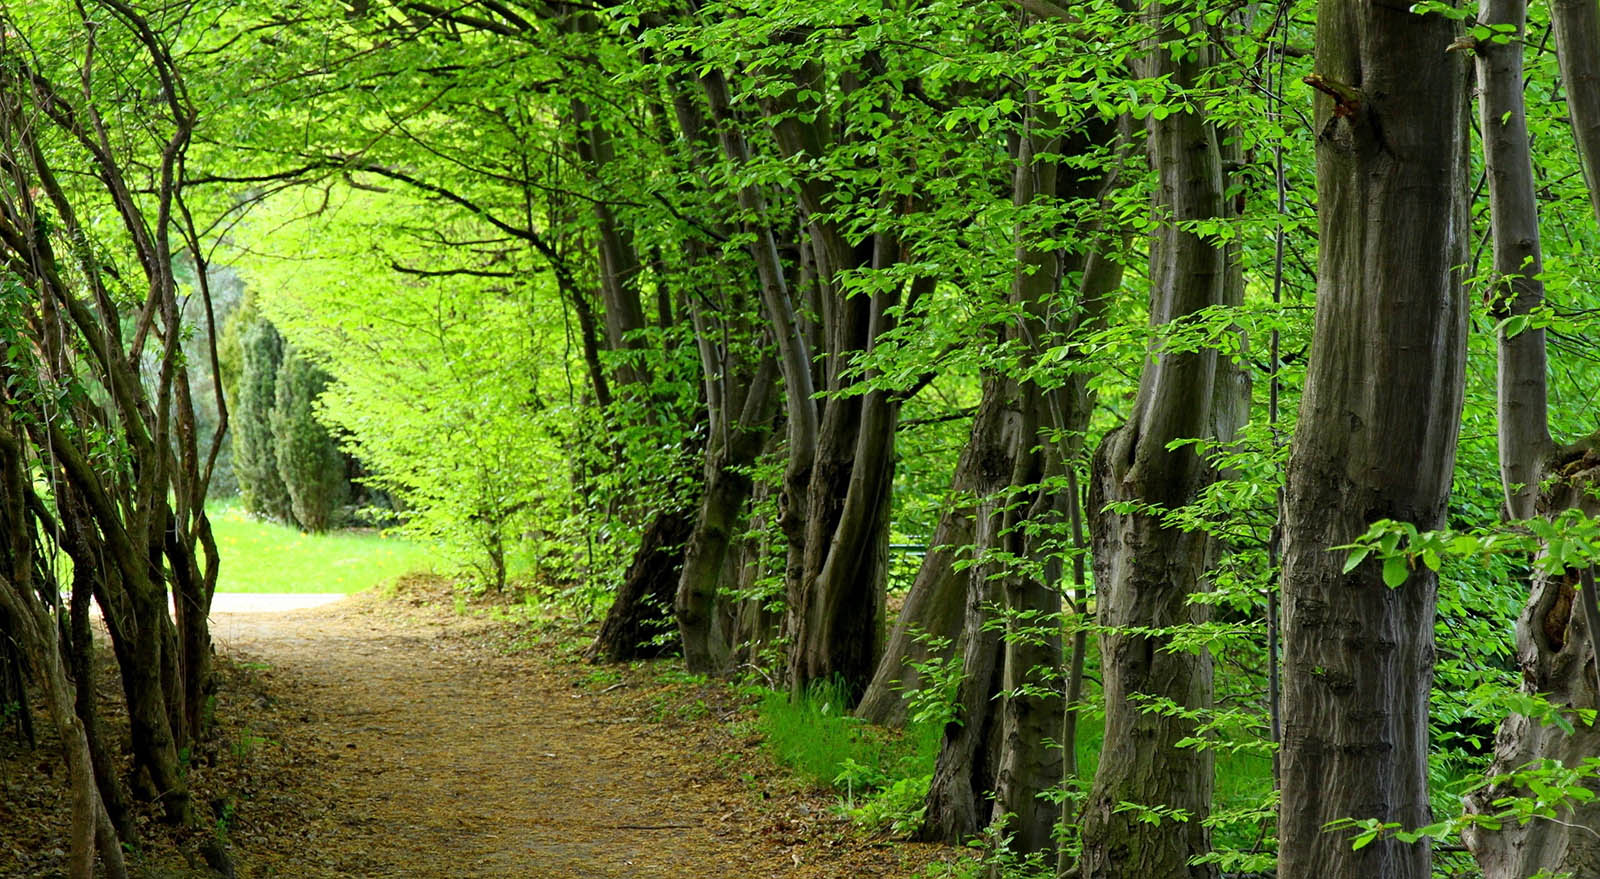 جنگل سیسنگان نگین سبز استان مازندران و تلاقی جنگل و دریا | سفرزون